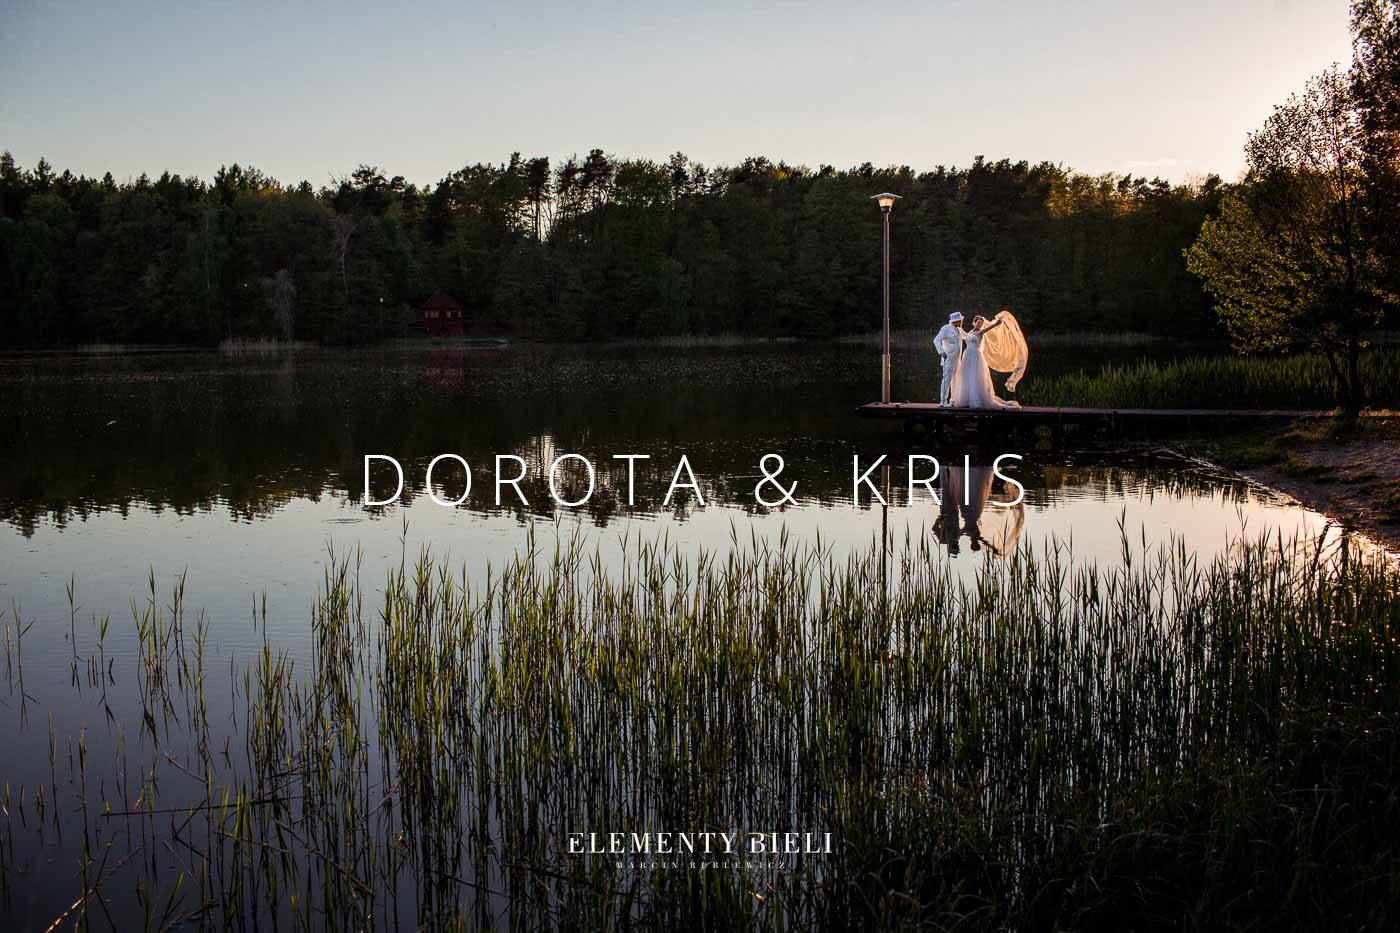 doro_kris-55